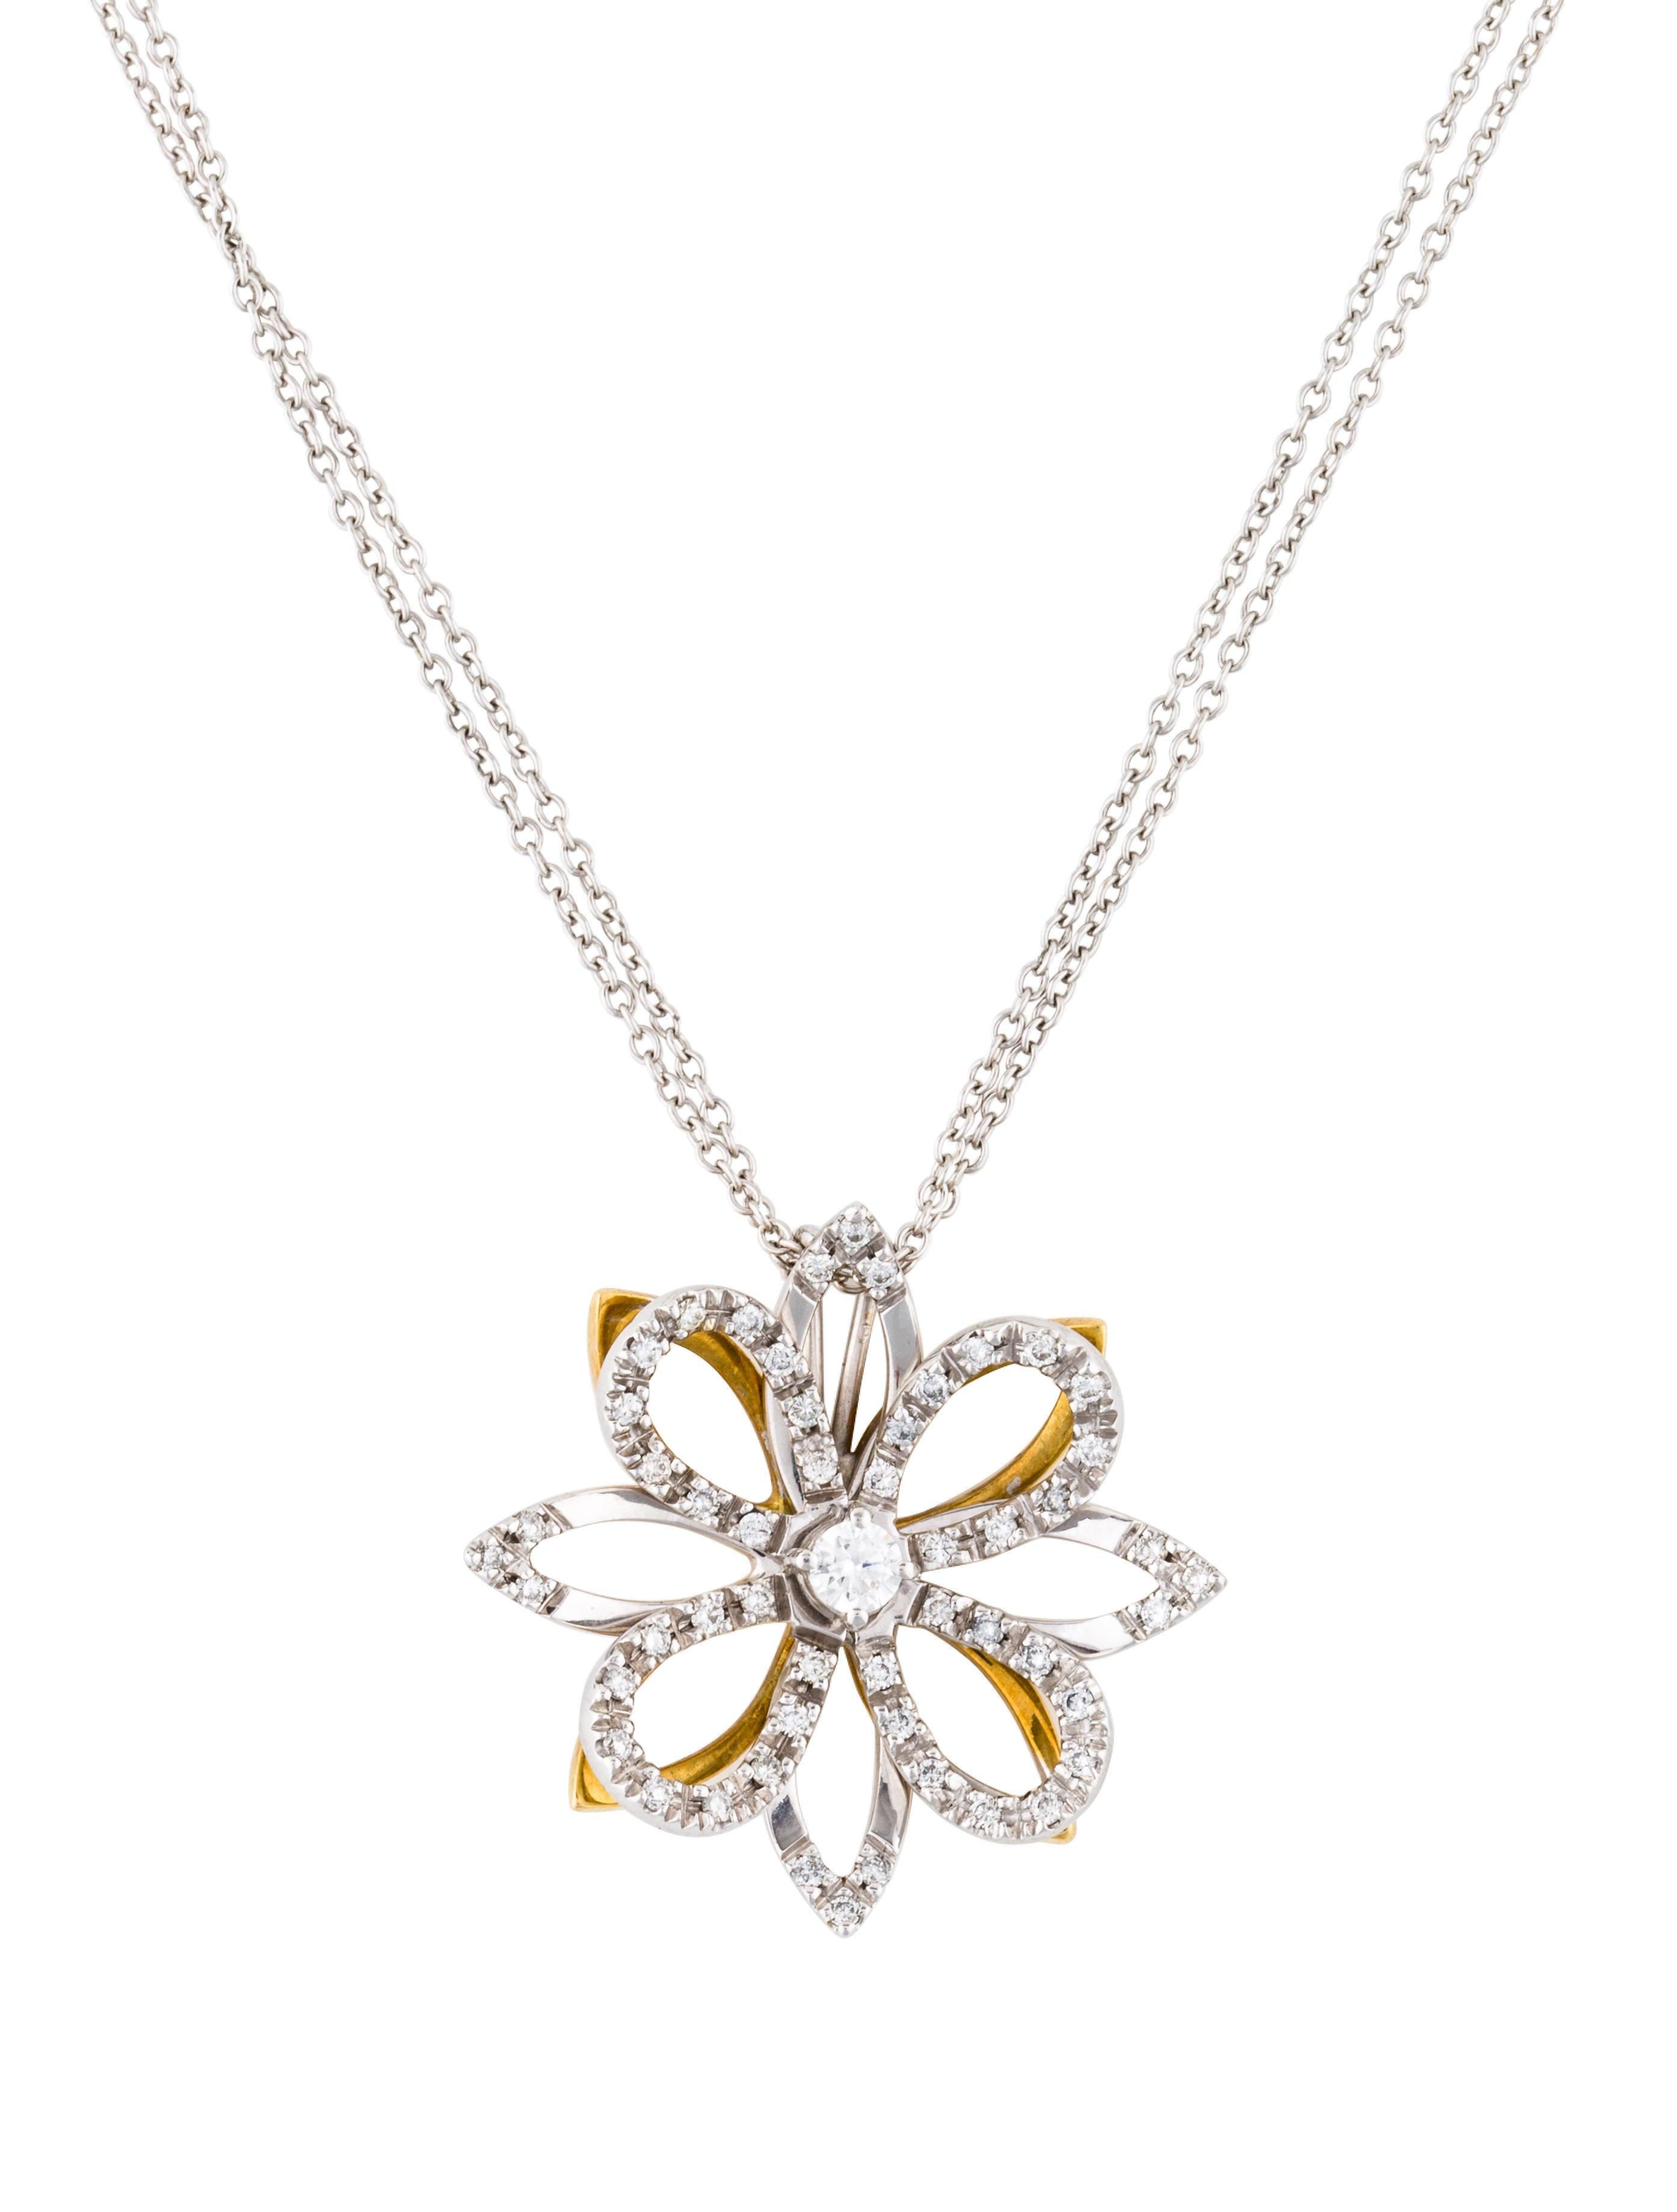 18k diamond flower pendant necklace necklaces neckl37115 the 18k diamond flower pendant aloadofball Gallery